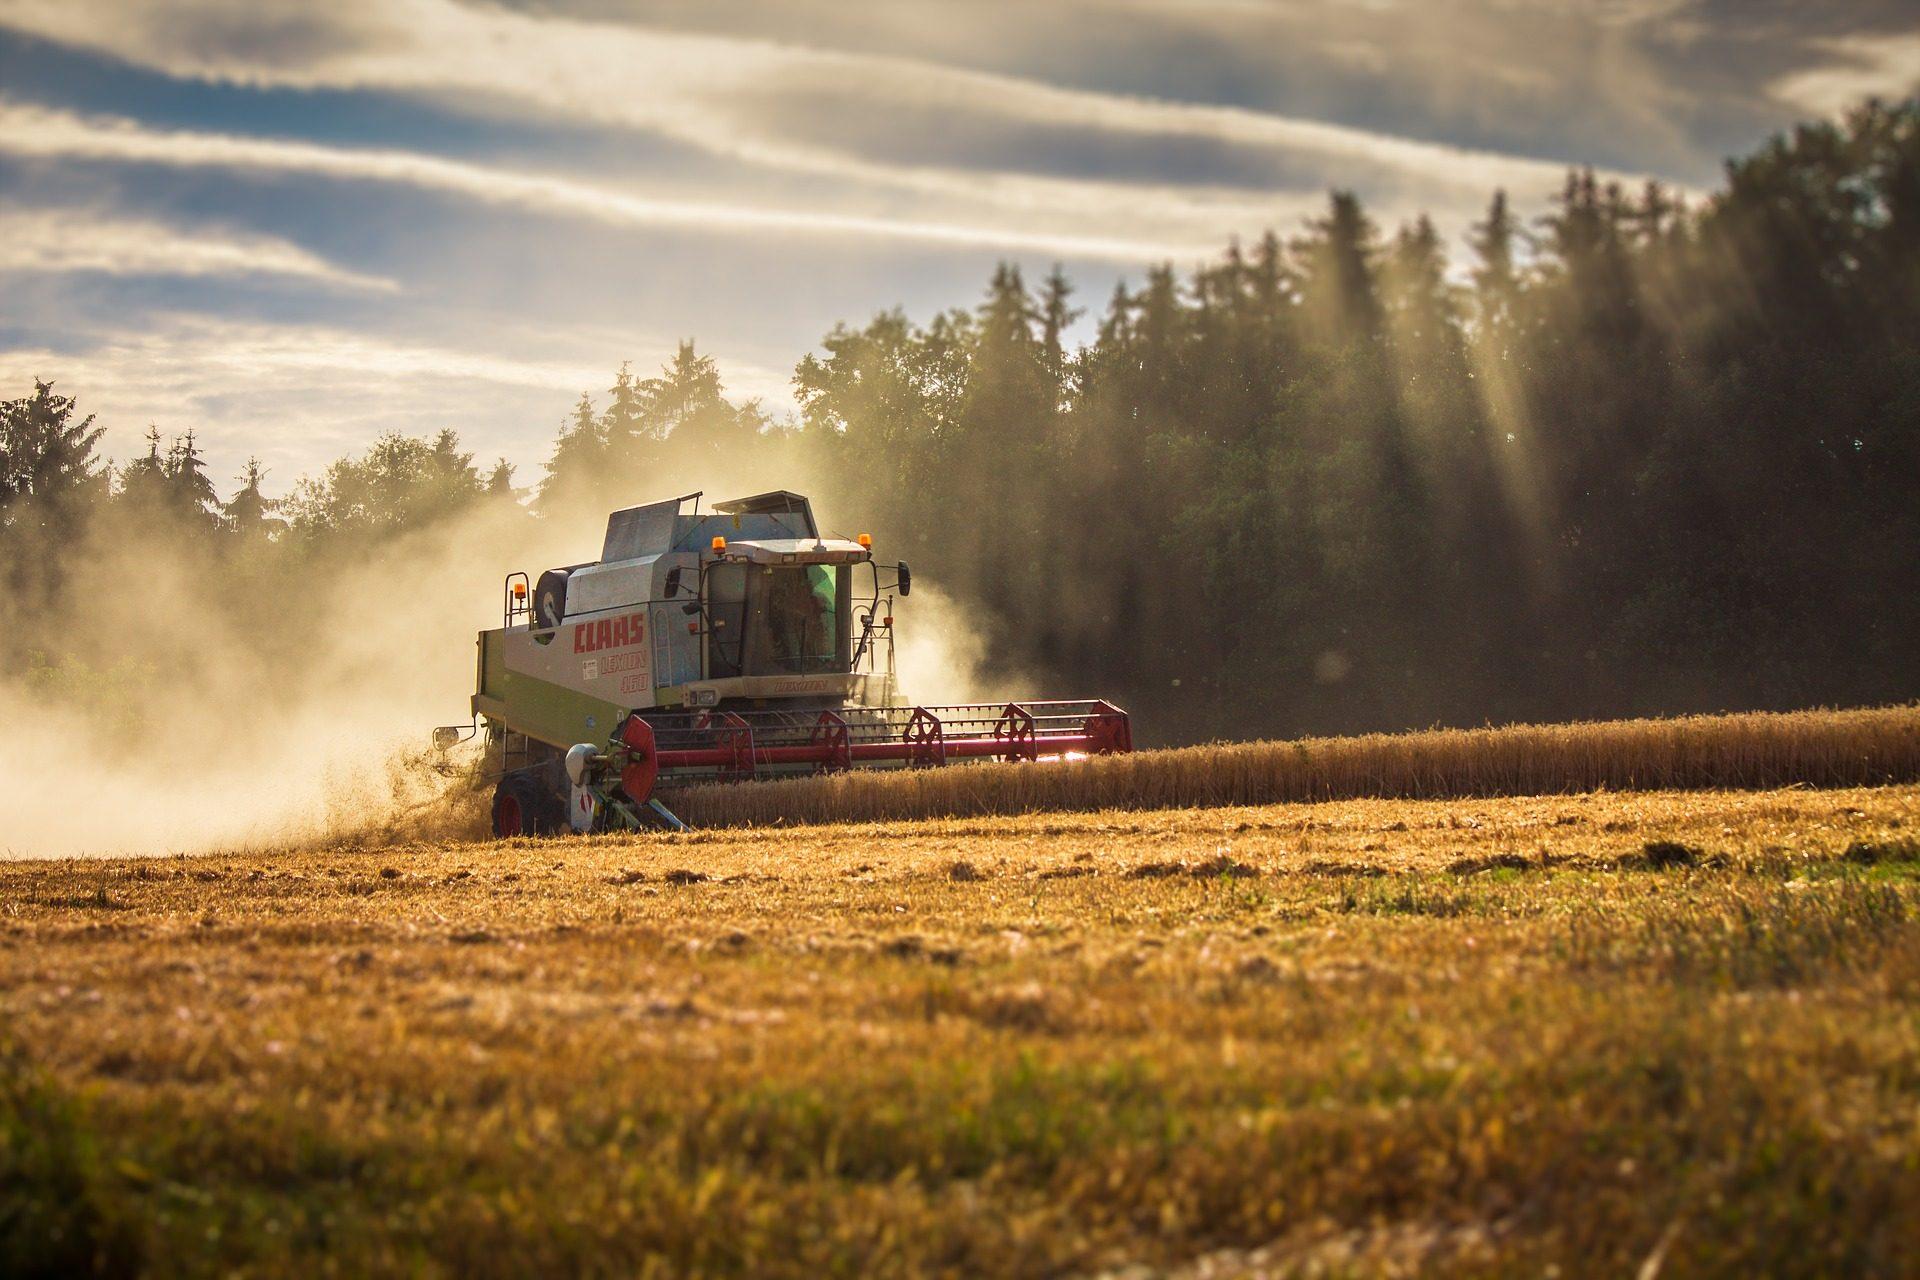 машина, комбинат, поле, Выращивание, Сельское хозяйство, Зерновые культуры - Обои HD - Профессор falken.com